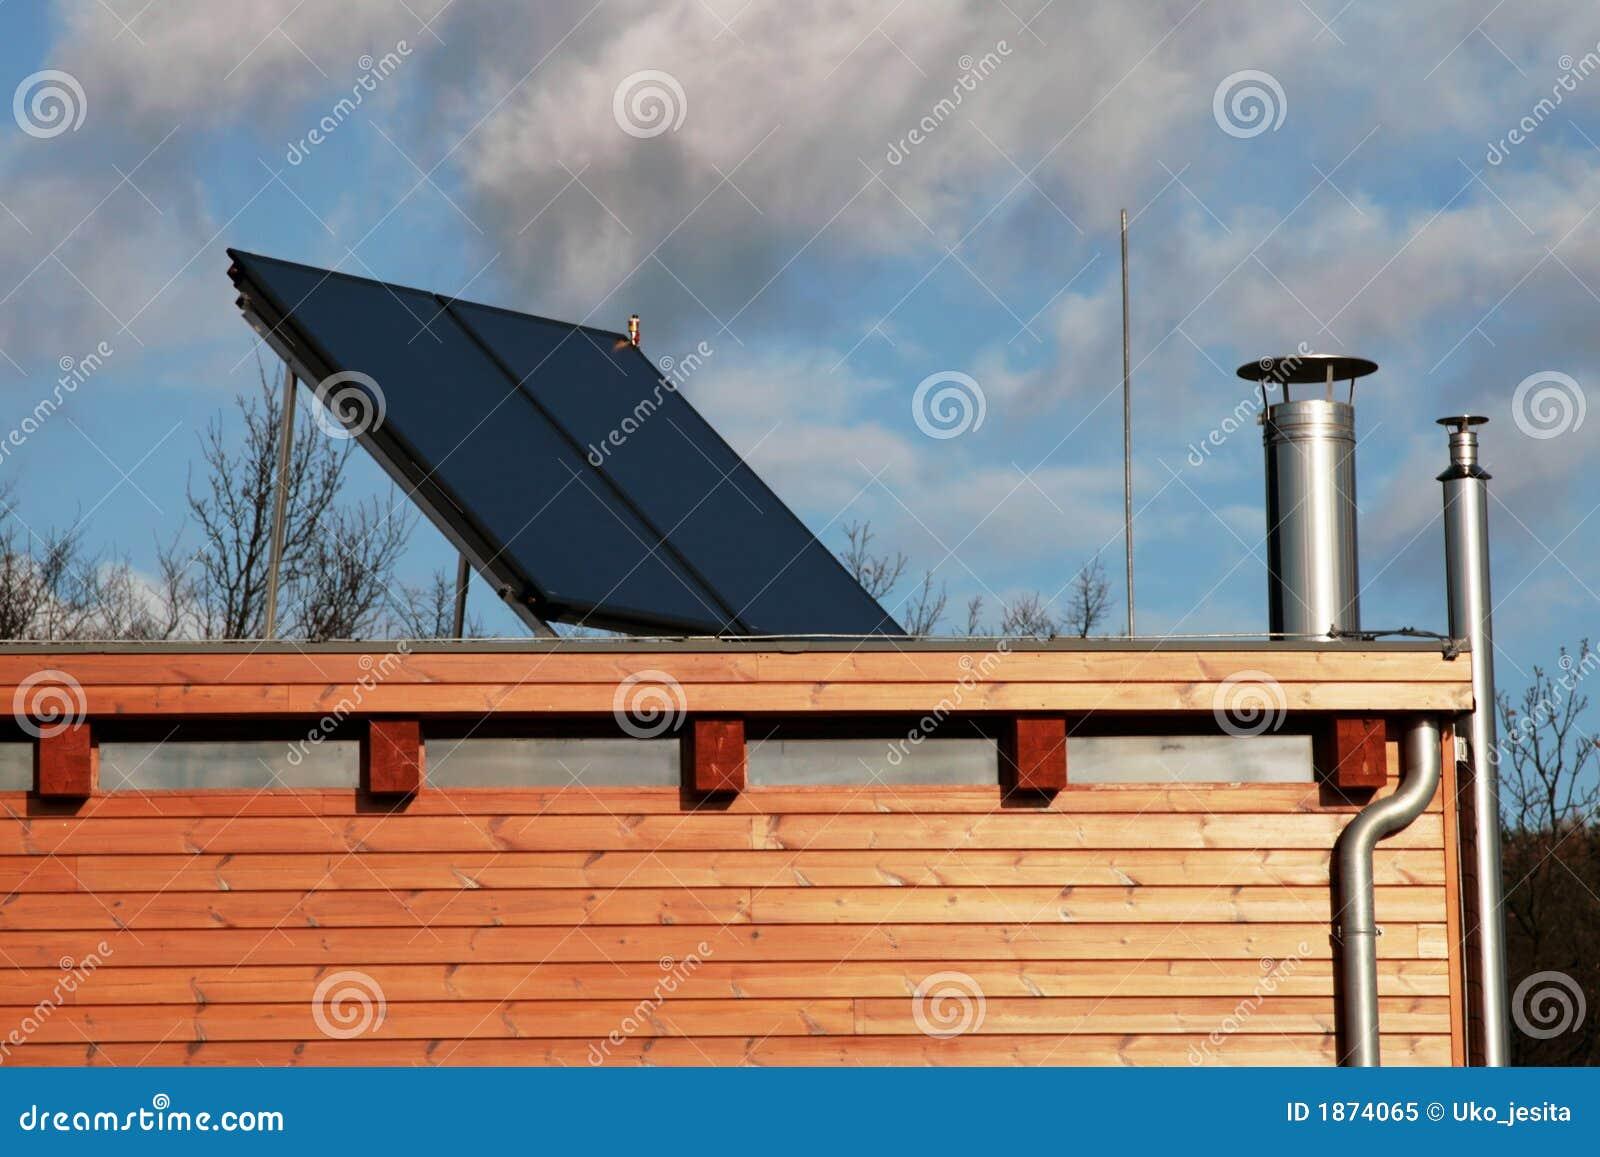 maison moderne avec les panneaux solaires sur le toit pour. Black Bedroom Furniture Sets. Home Design Ideas